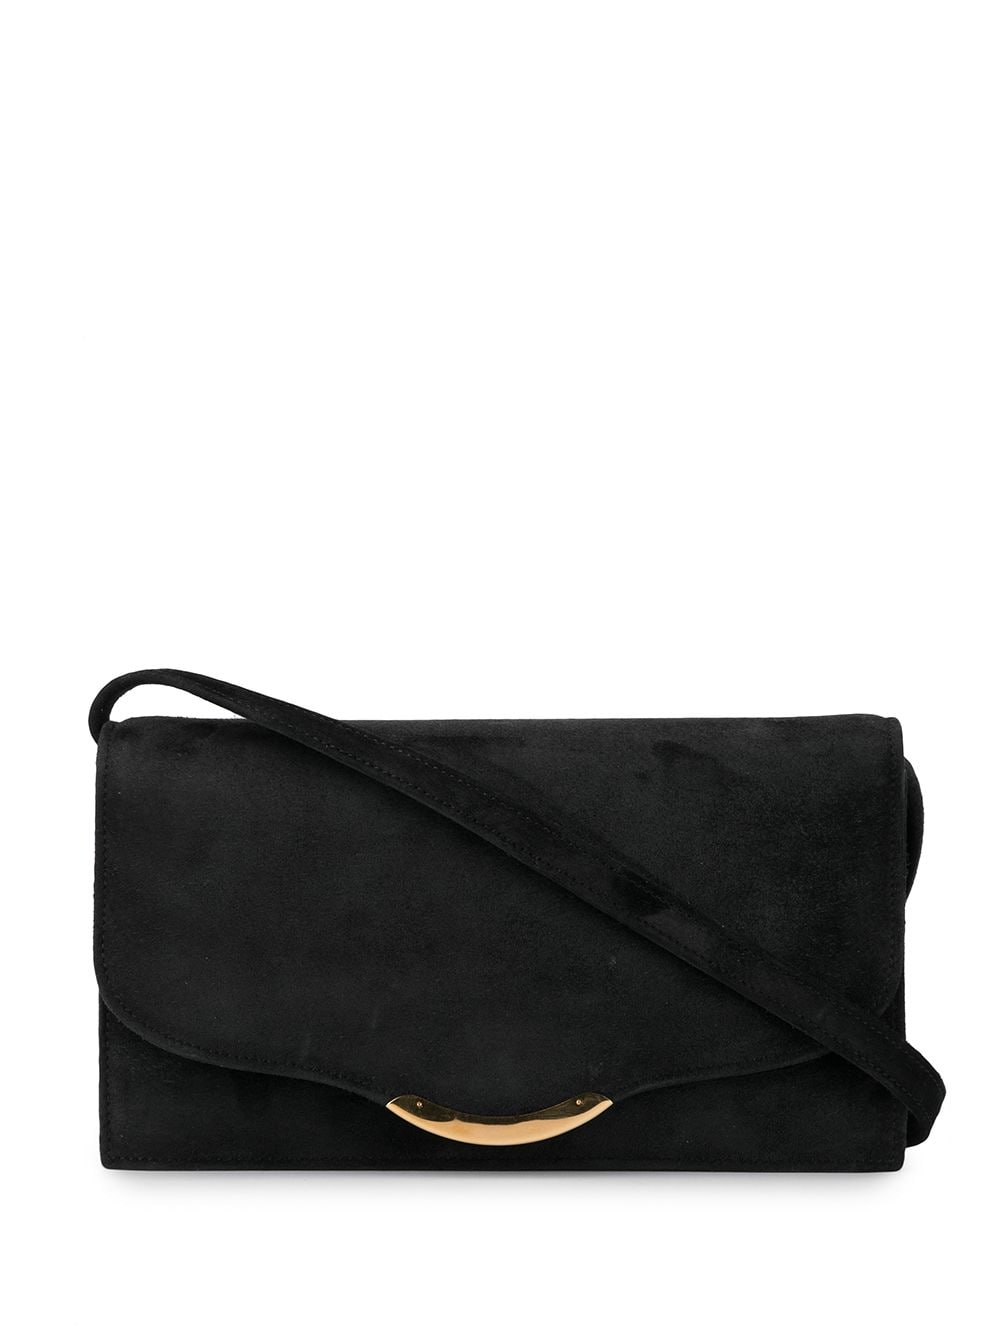 3. Hermès 1977's pre-owned gold detail shoulder bag HK$20,364